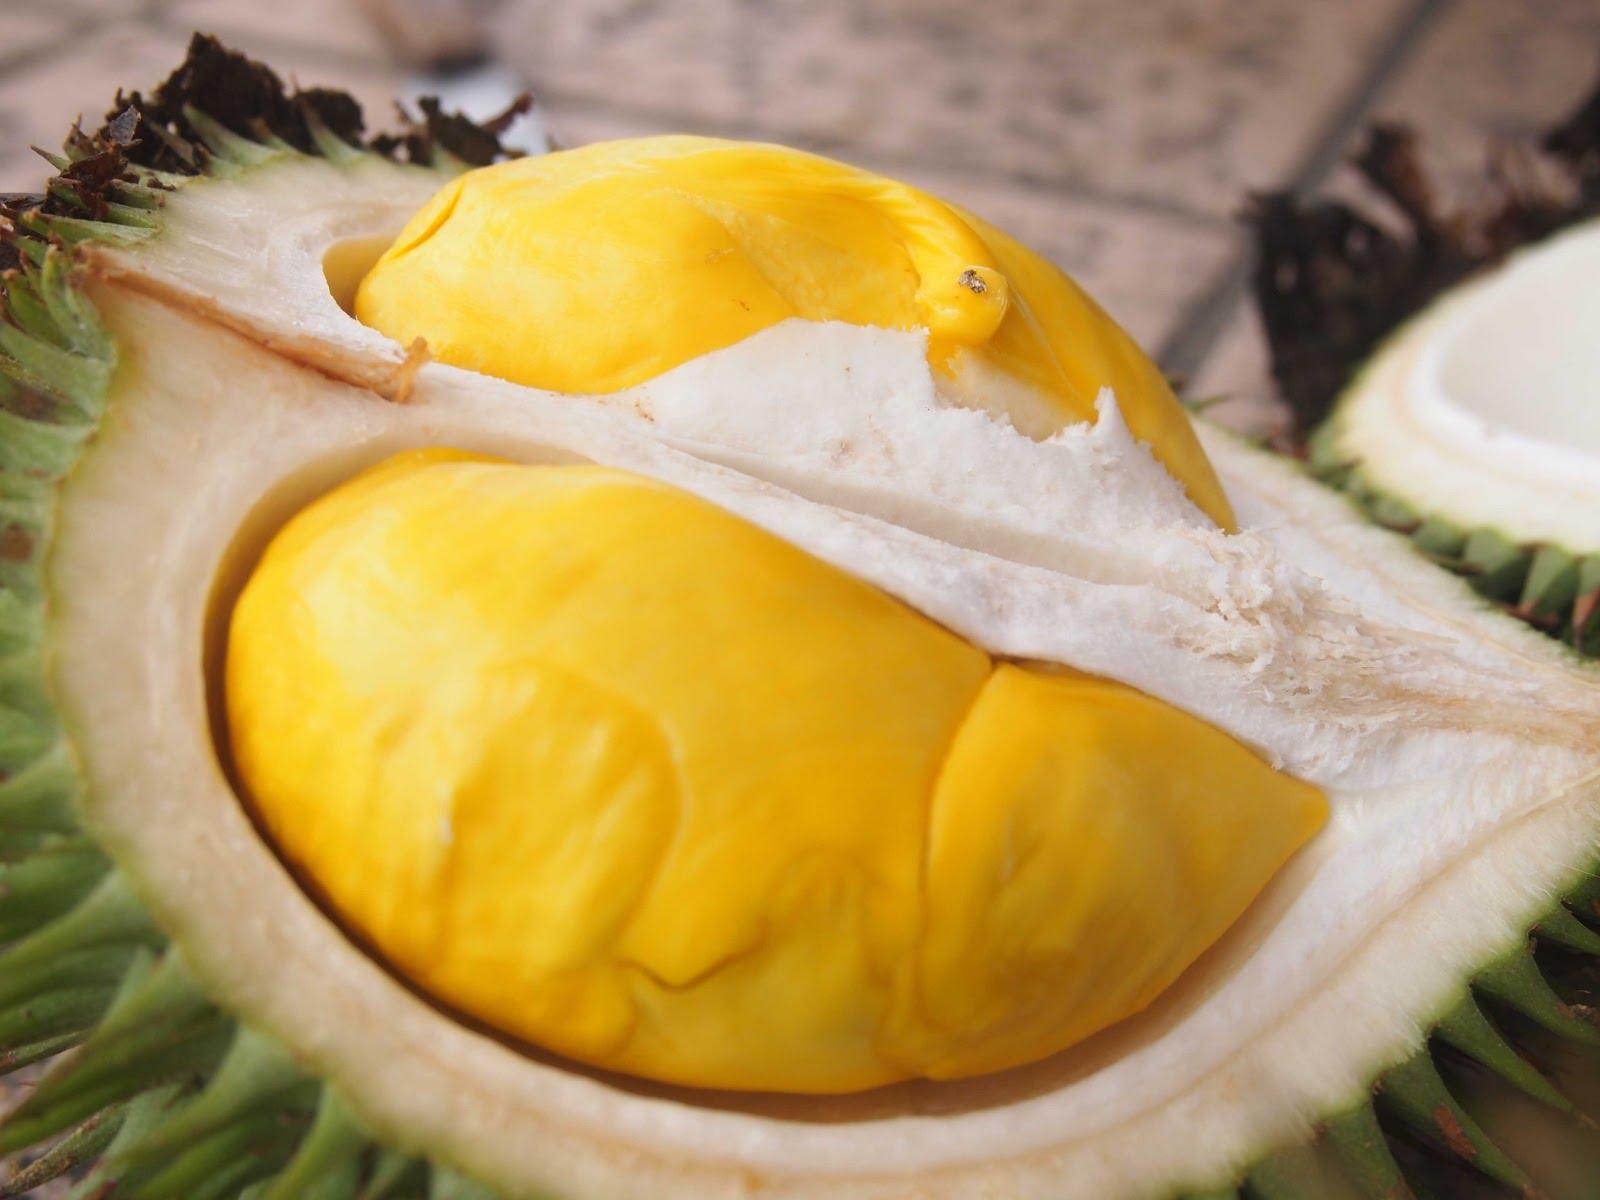 huong lieu thuc pham - huong sau rieng